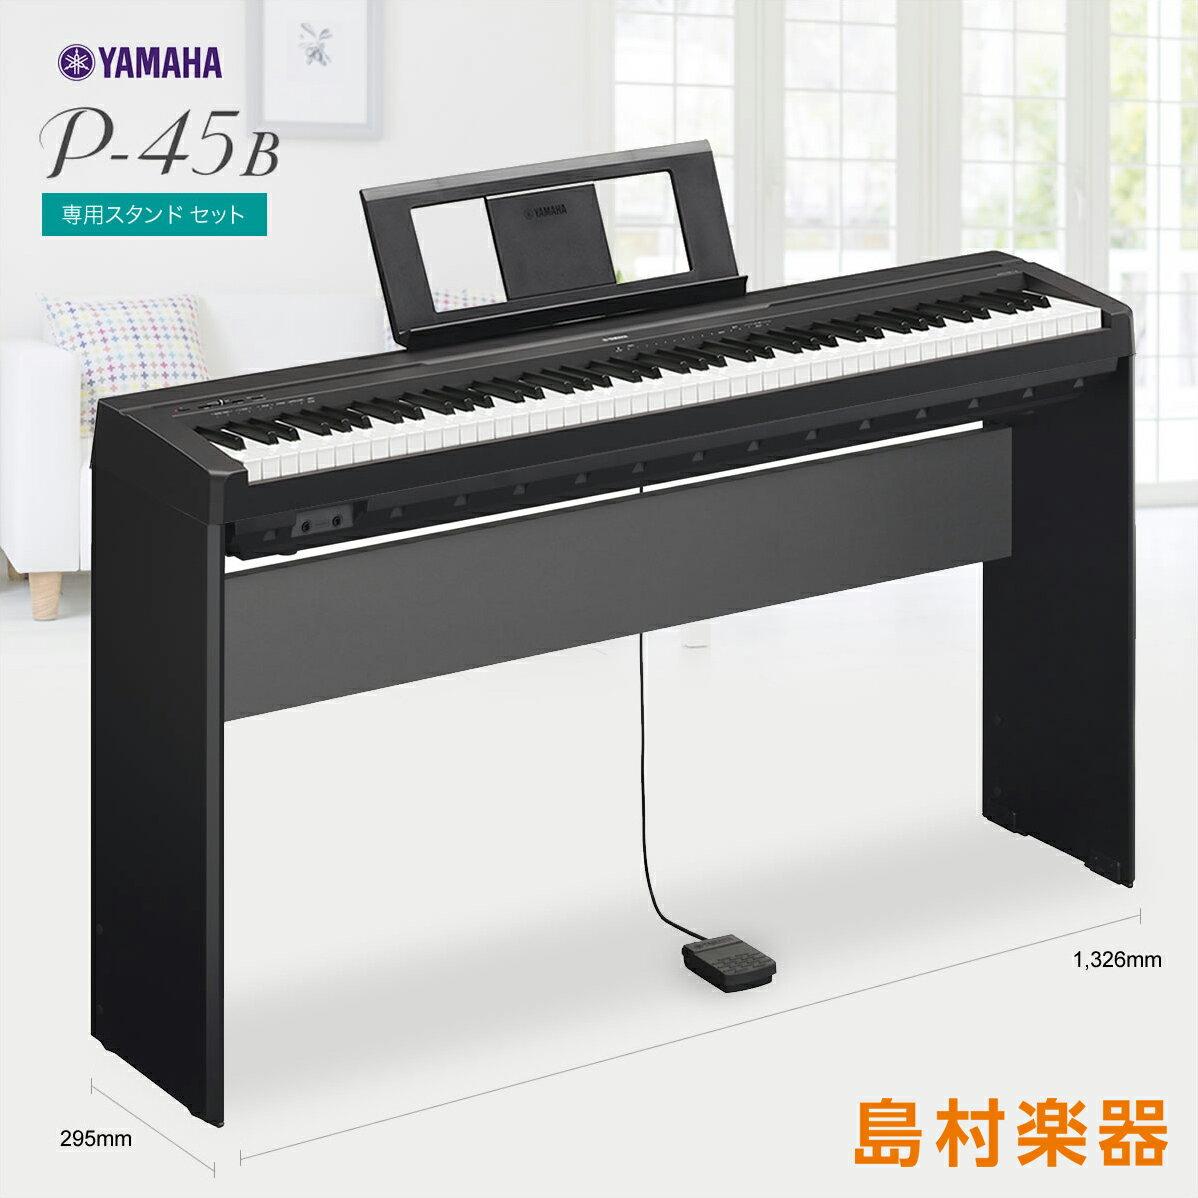 【在庫あり】 YAMAHA P-45B & 専用スタンドセット 電子ピアノ 88鍵盤 【ヤマハ P45】 【オンライン限定】【別売り延長保証対応プラン:E】